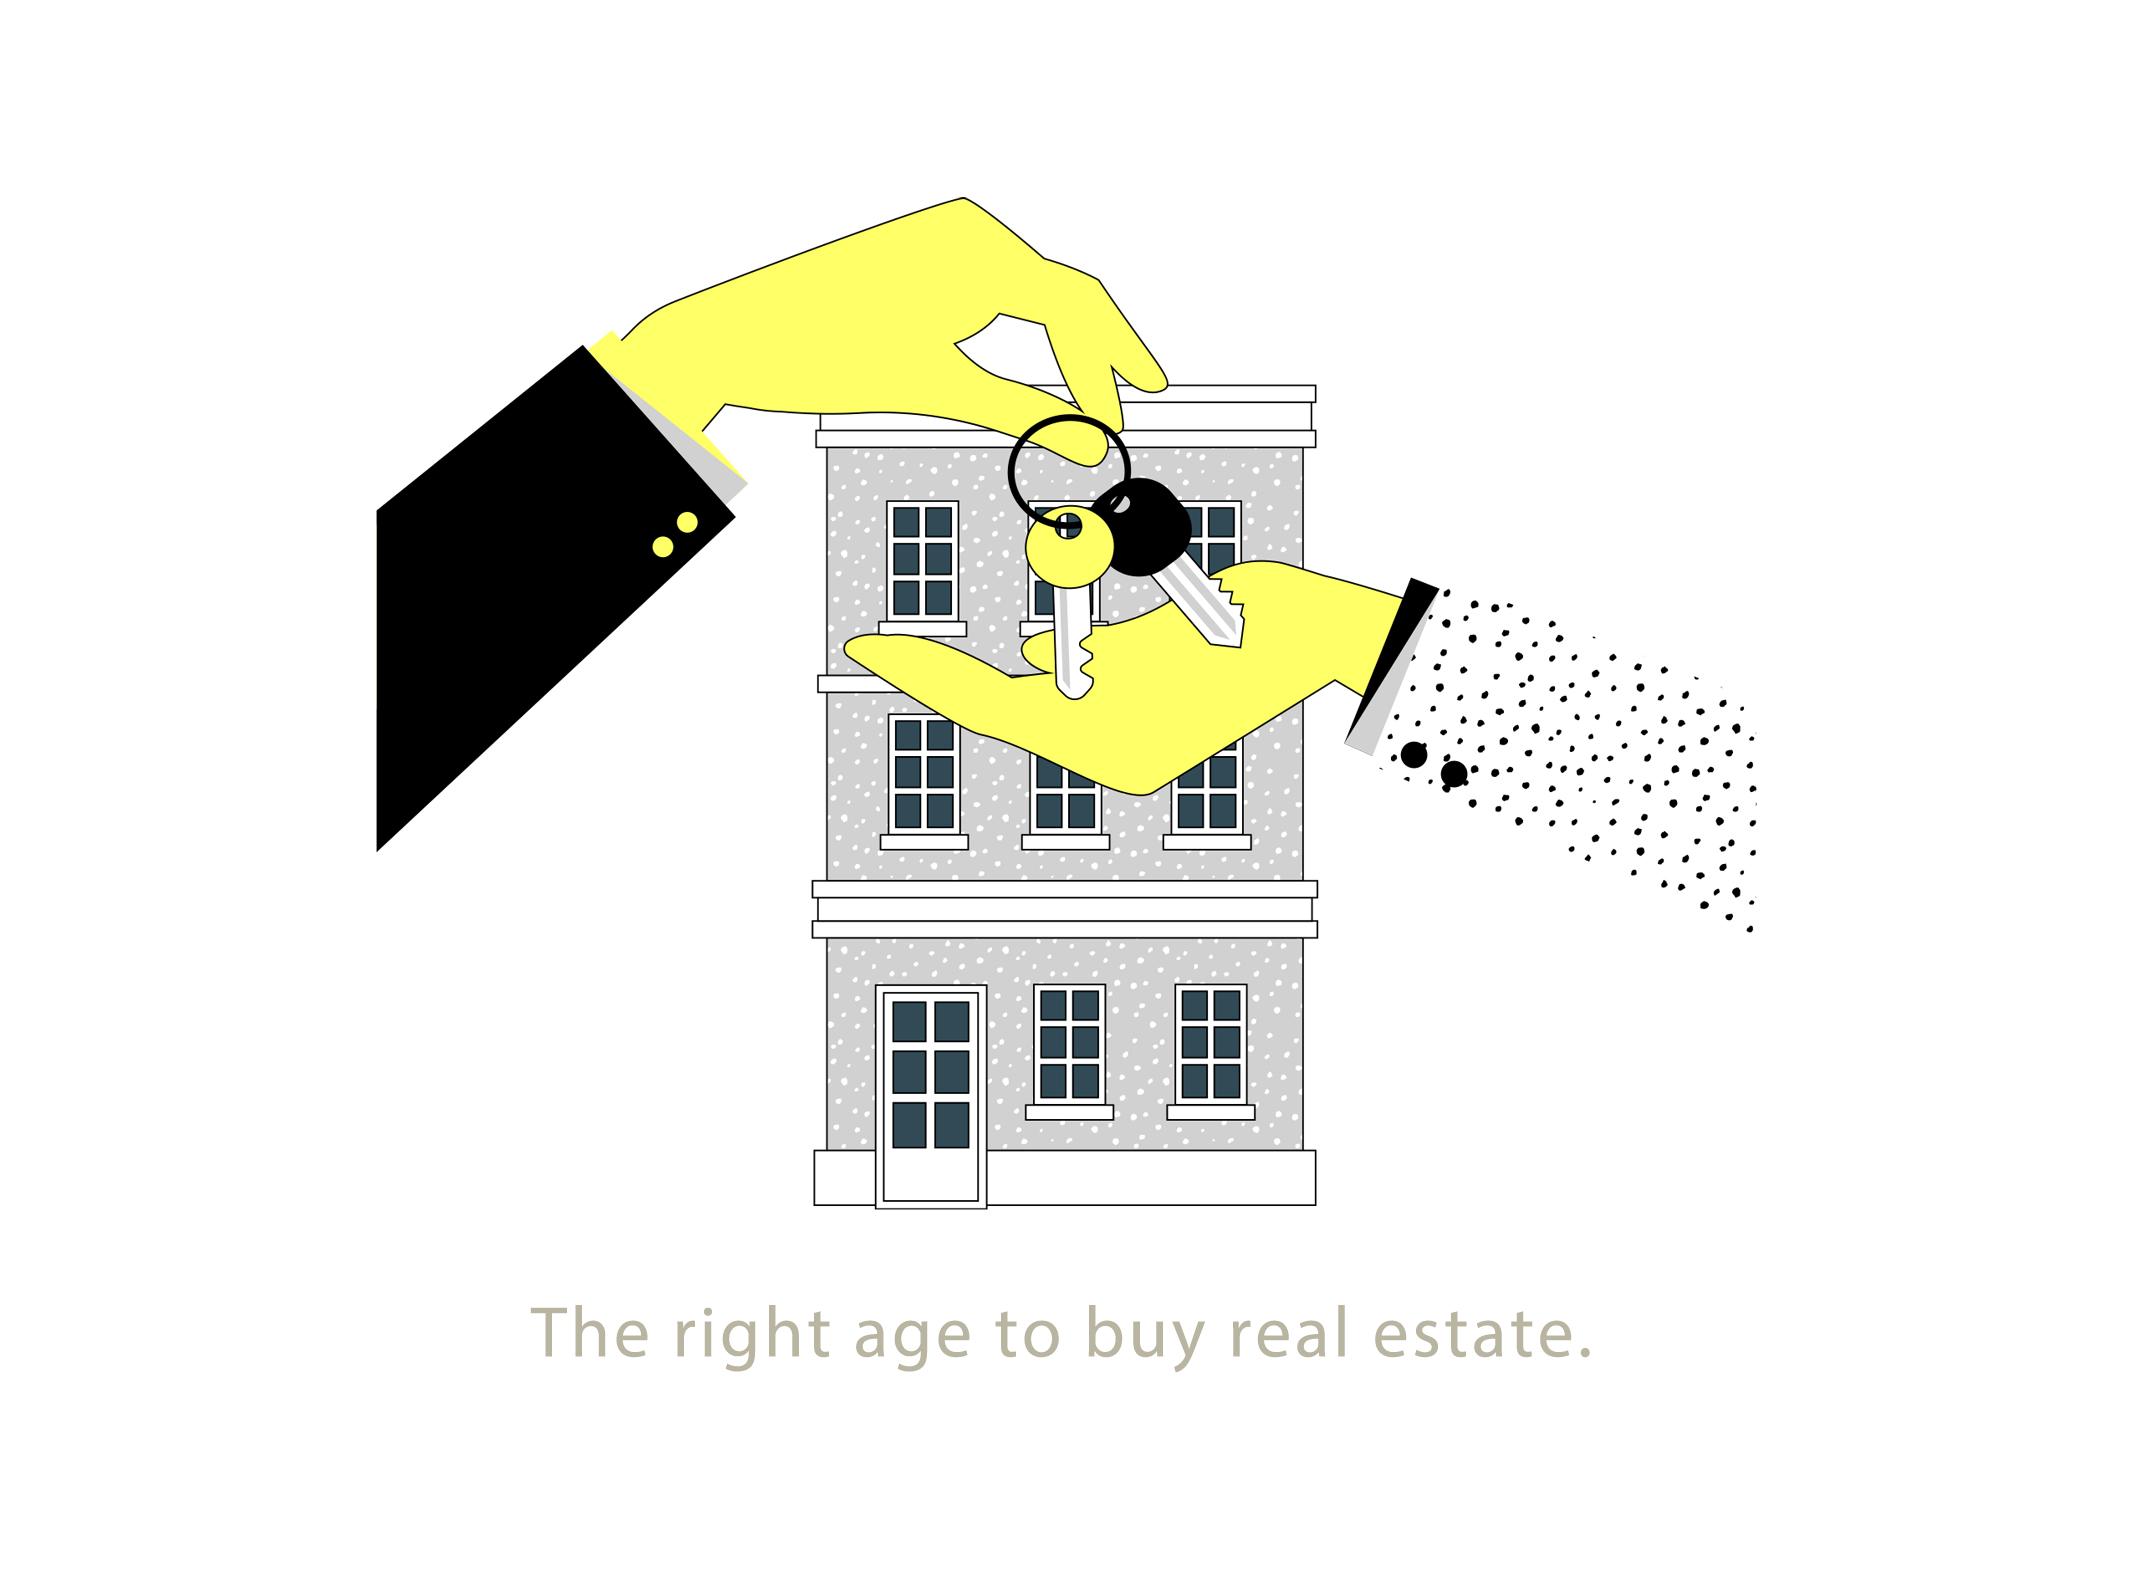 マンション購入の適齢期